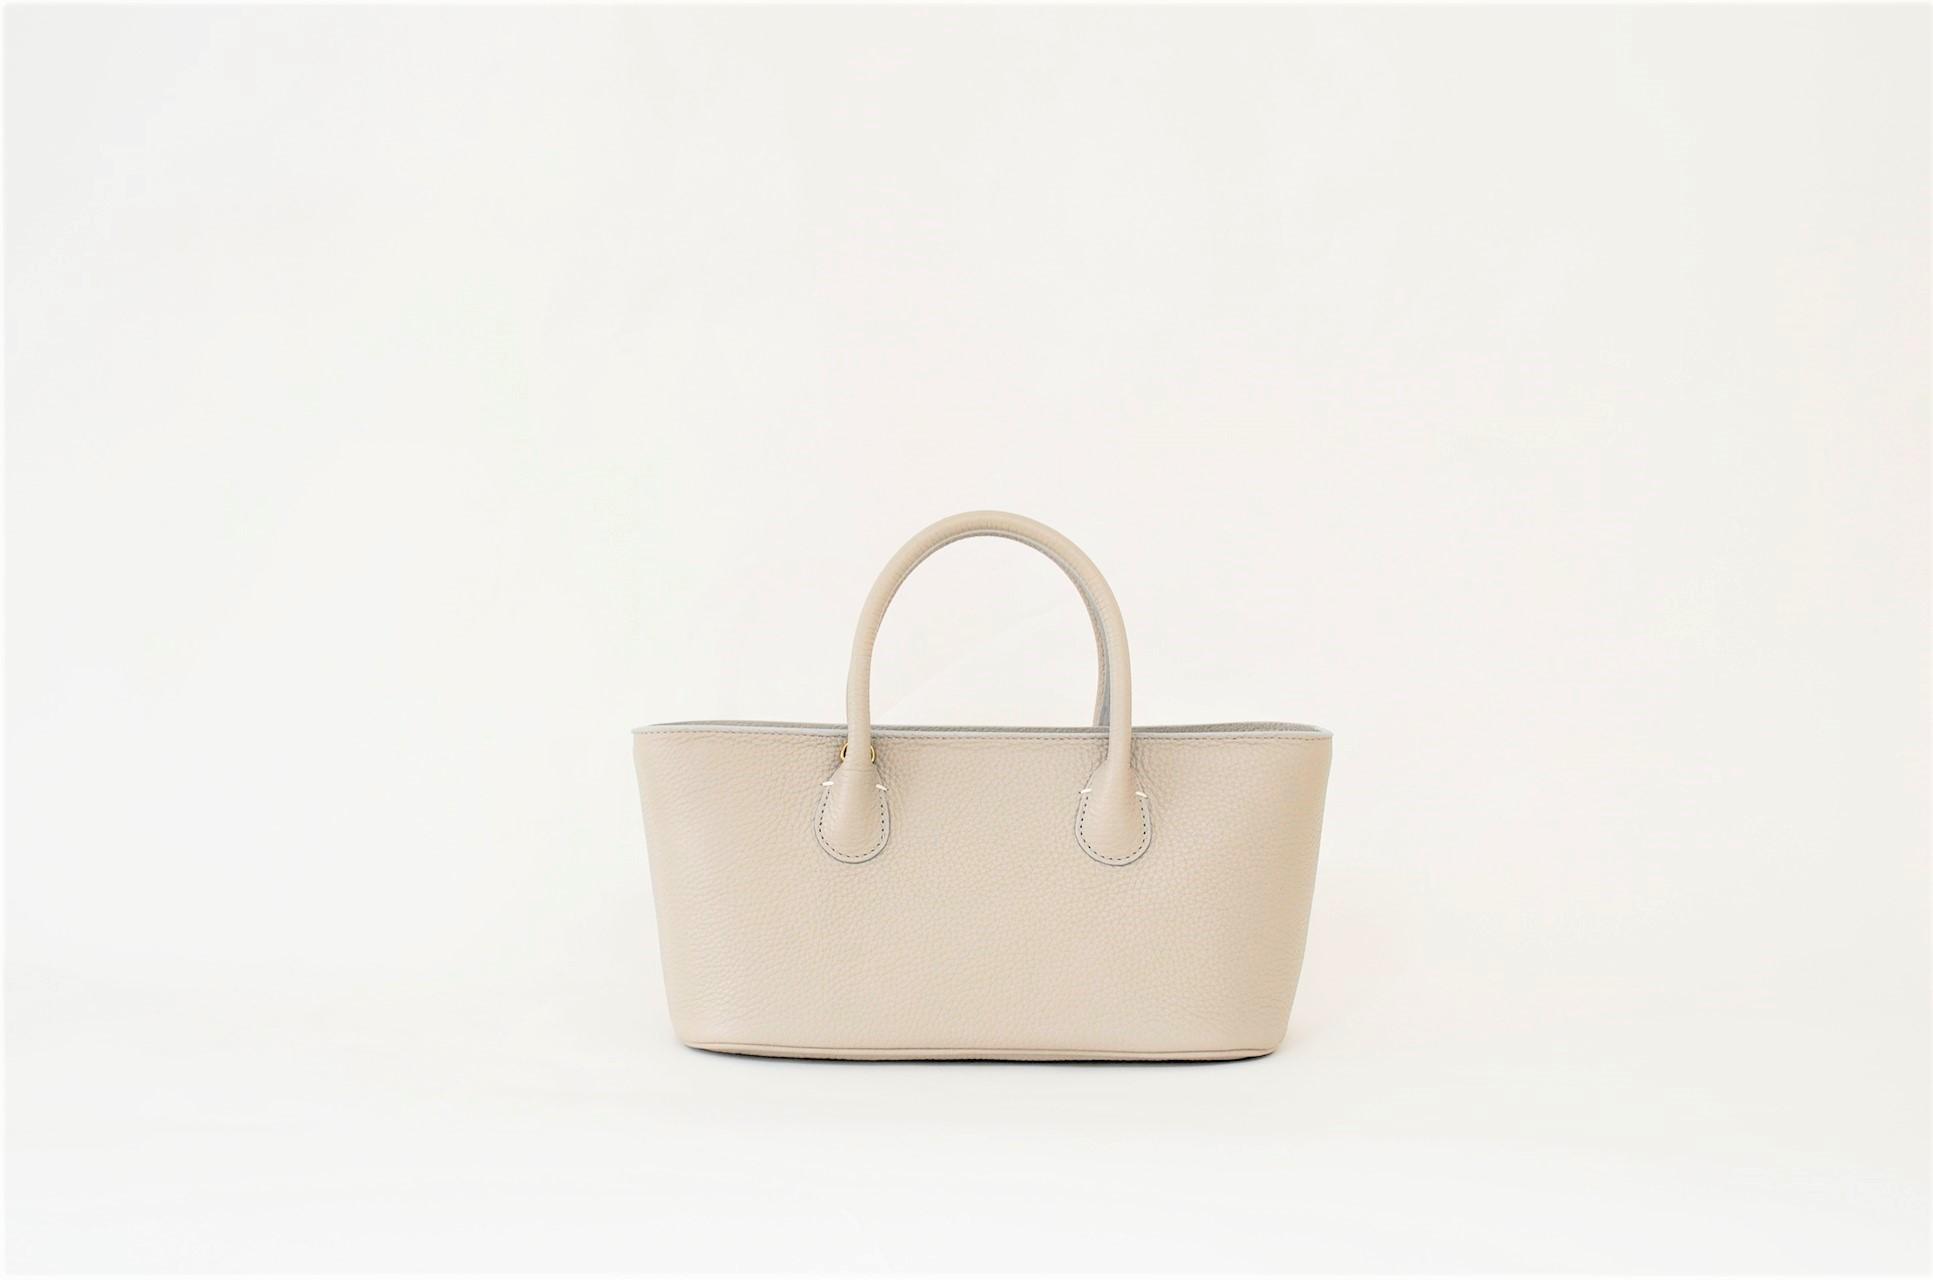 シンプルながらも程よく個性的な横長ハンドバッグ